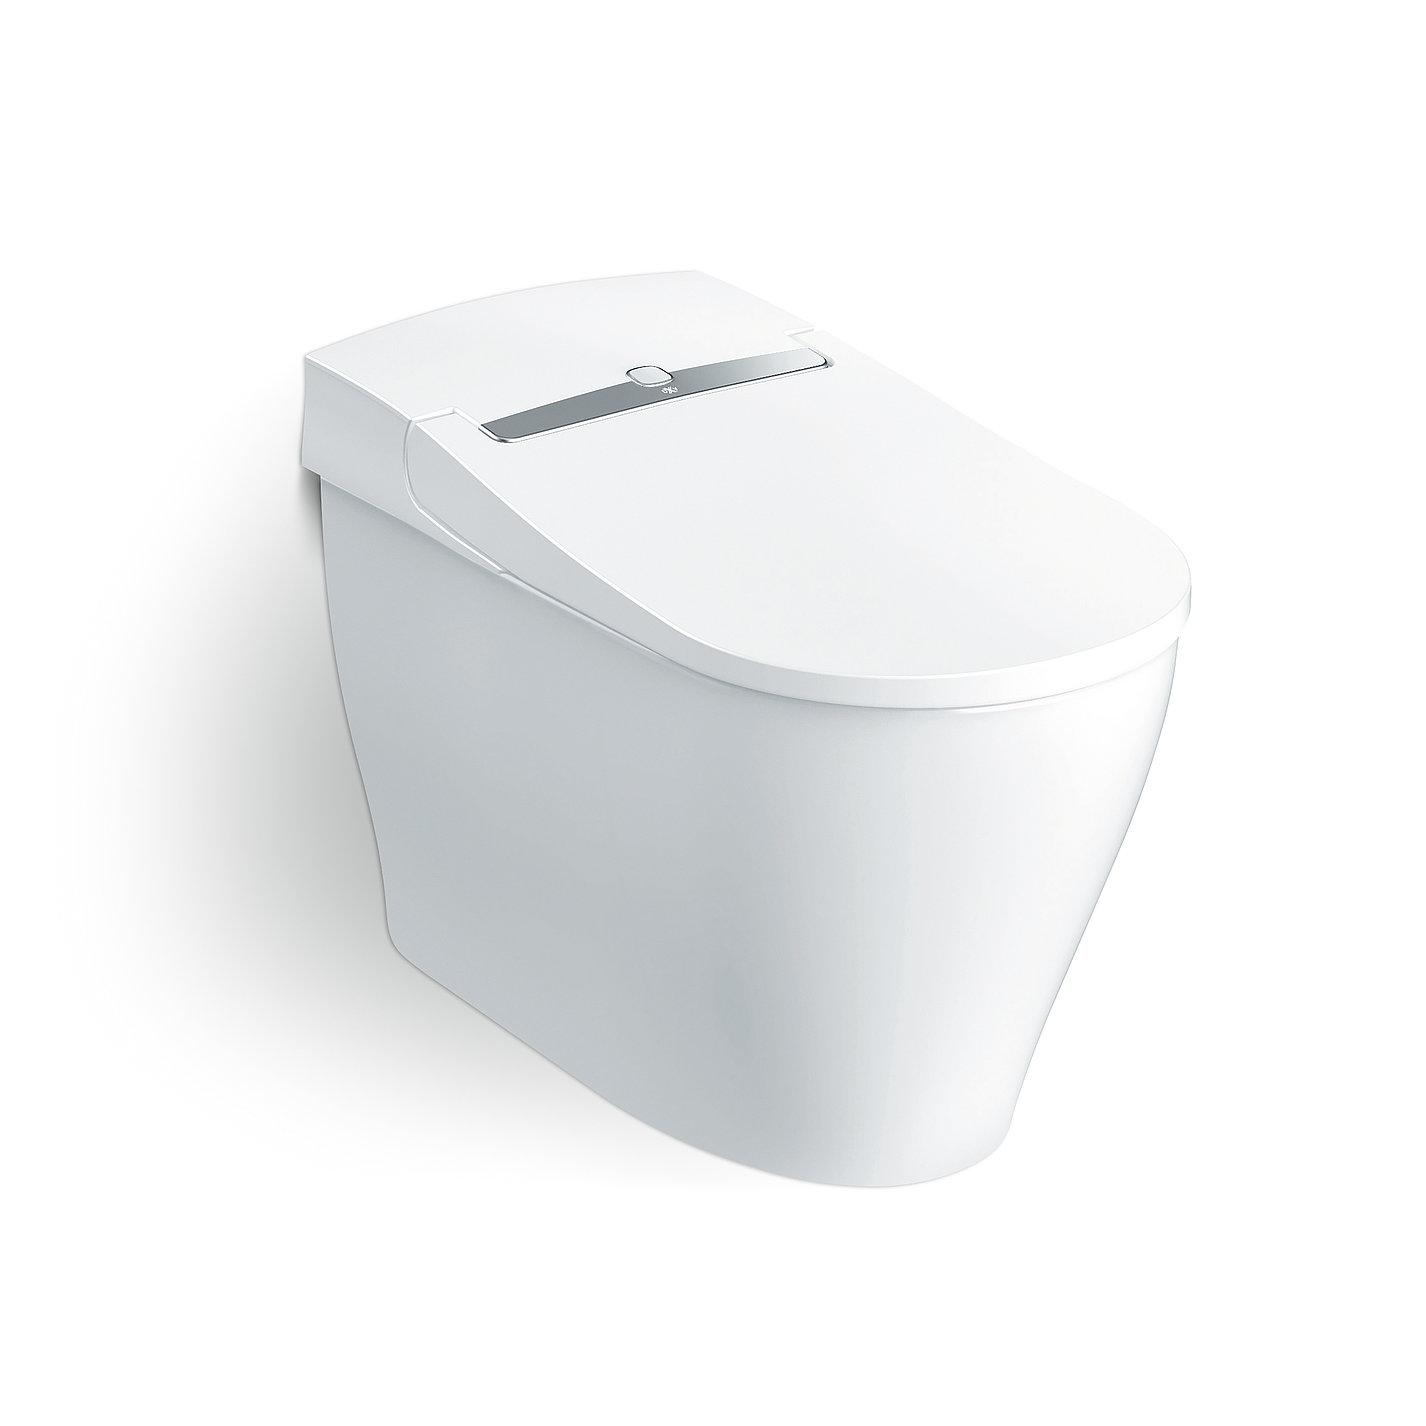 DXV AT200 LS SpaLet Integrated Bidet Toilet | Red Dot Design Award